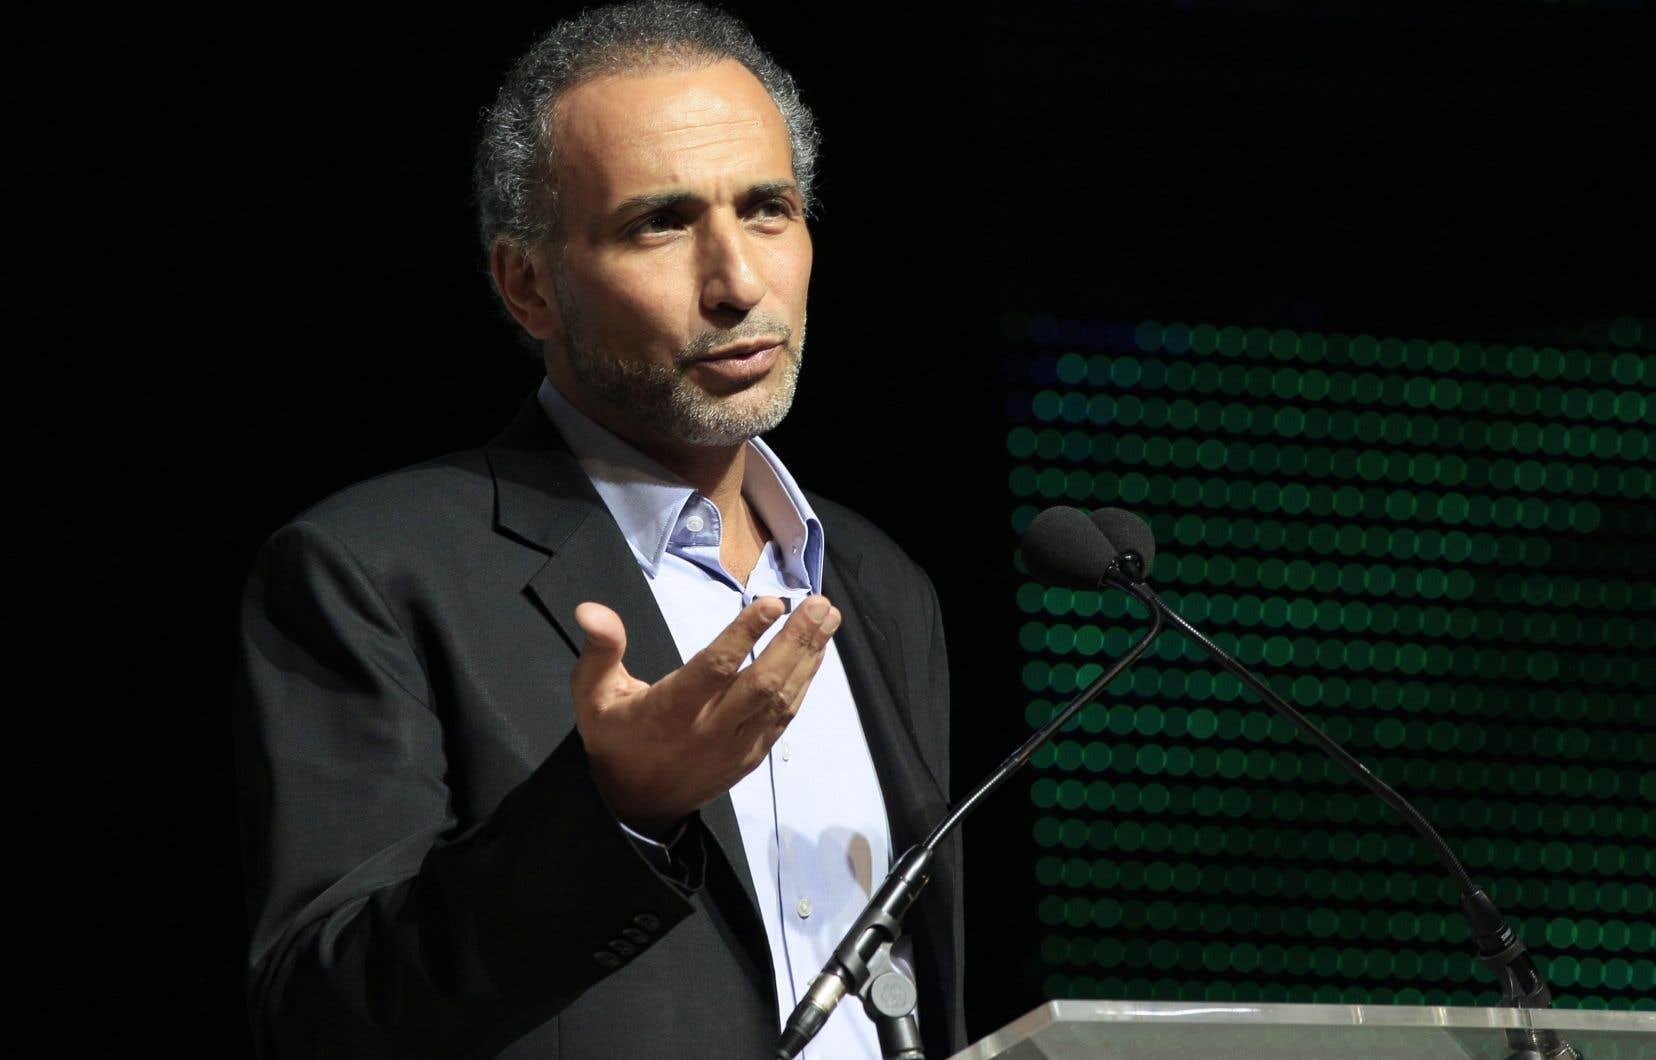 L'islamologue suisse Tariq Ramadan, déjà mis en examen pour deux viols, est visé par une nouvelle plainte en France, pour un viol en réunion en 2014, ce qui pourrait entraîner d'autres poursuites et menacer sa liberté retrouvée après des mois de prison.